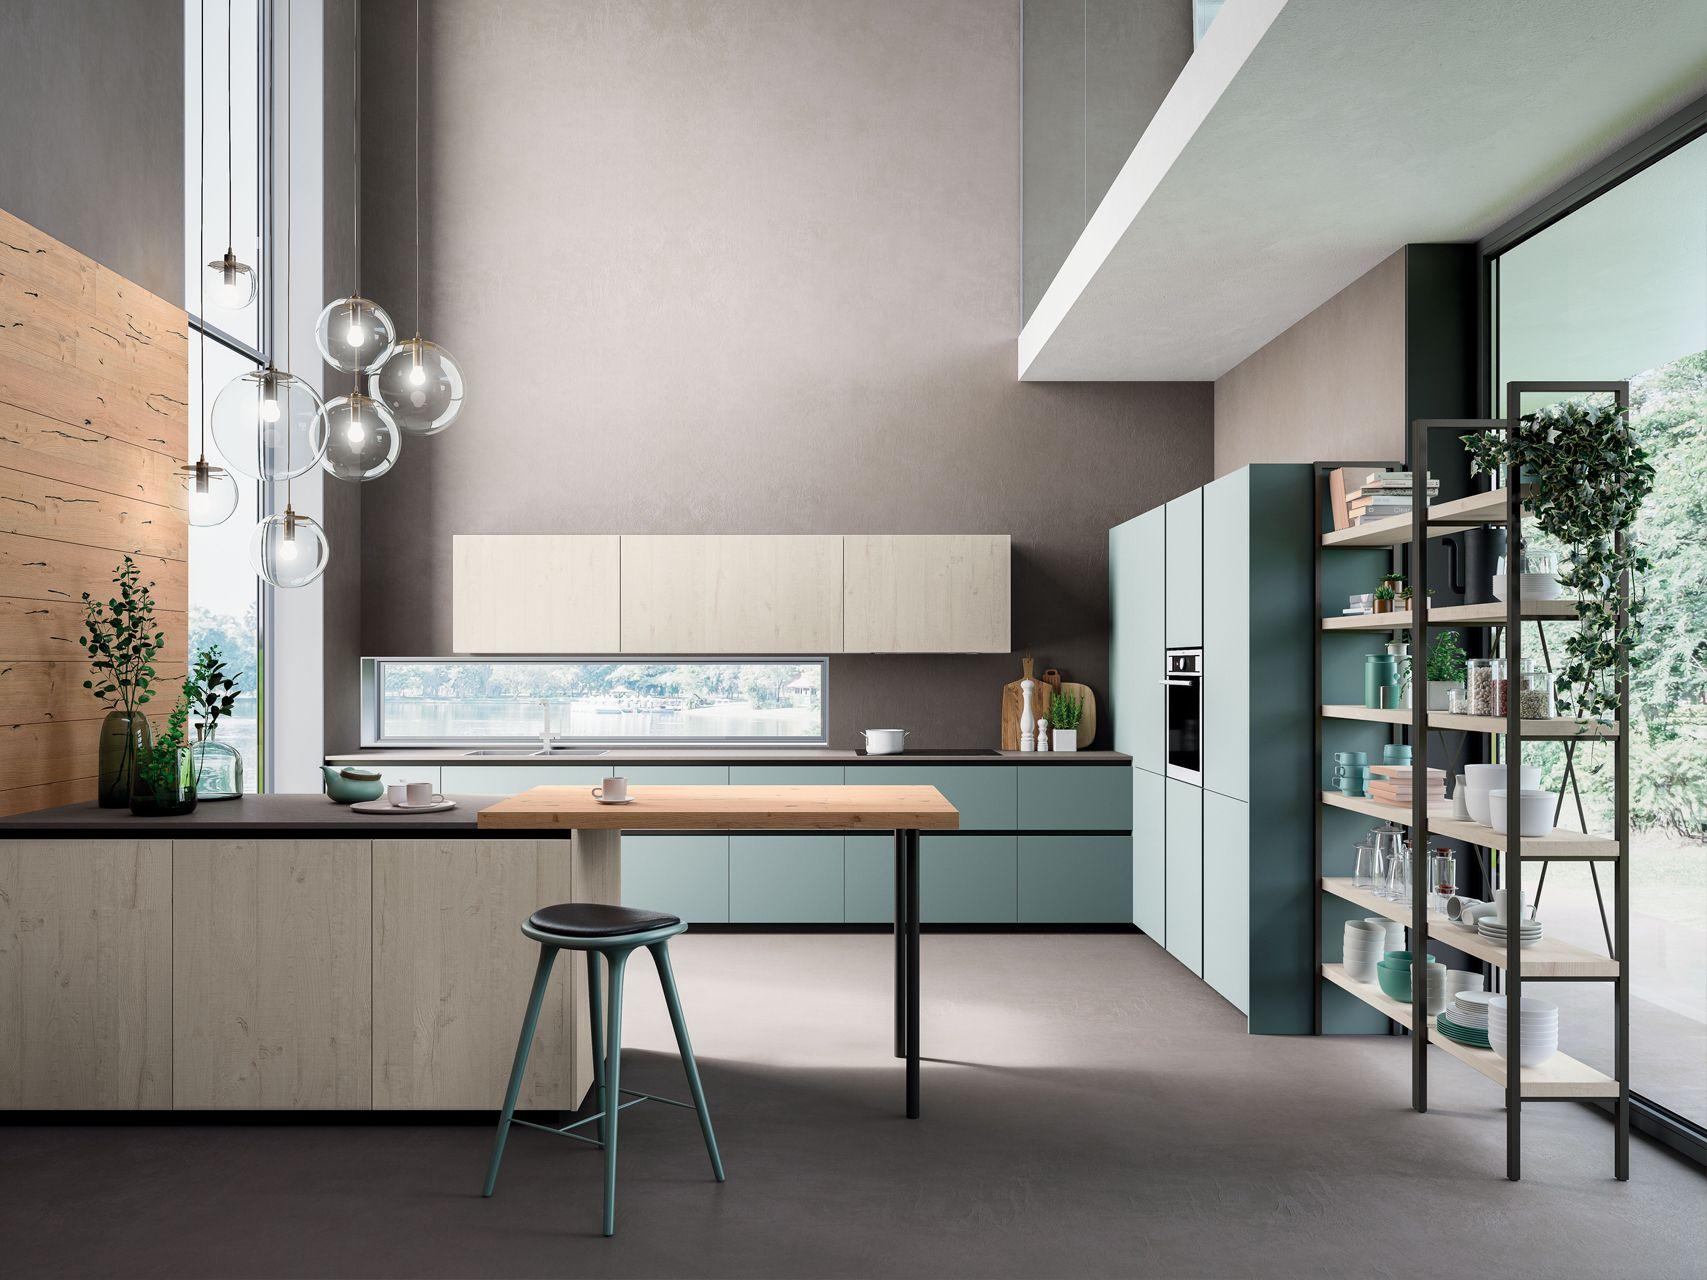 Zecchinon cucine italiane moderne e componibili di design | Kitchens ...